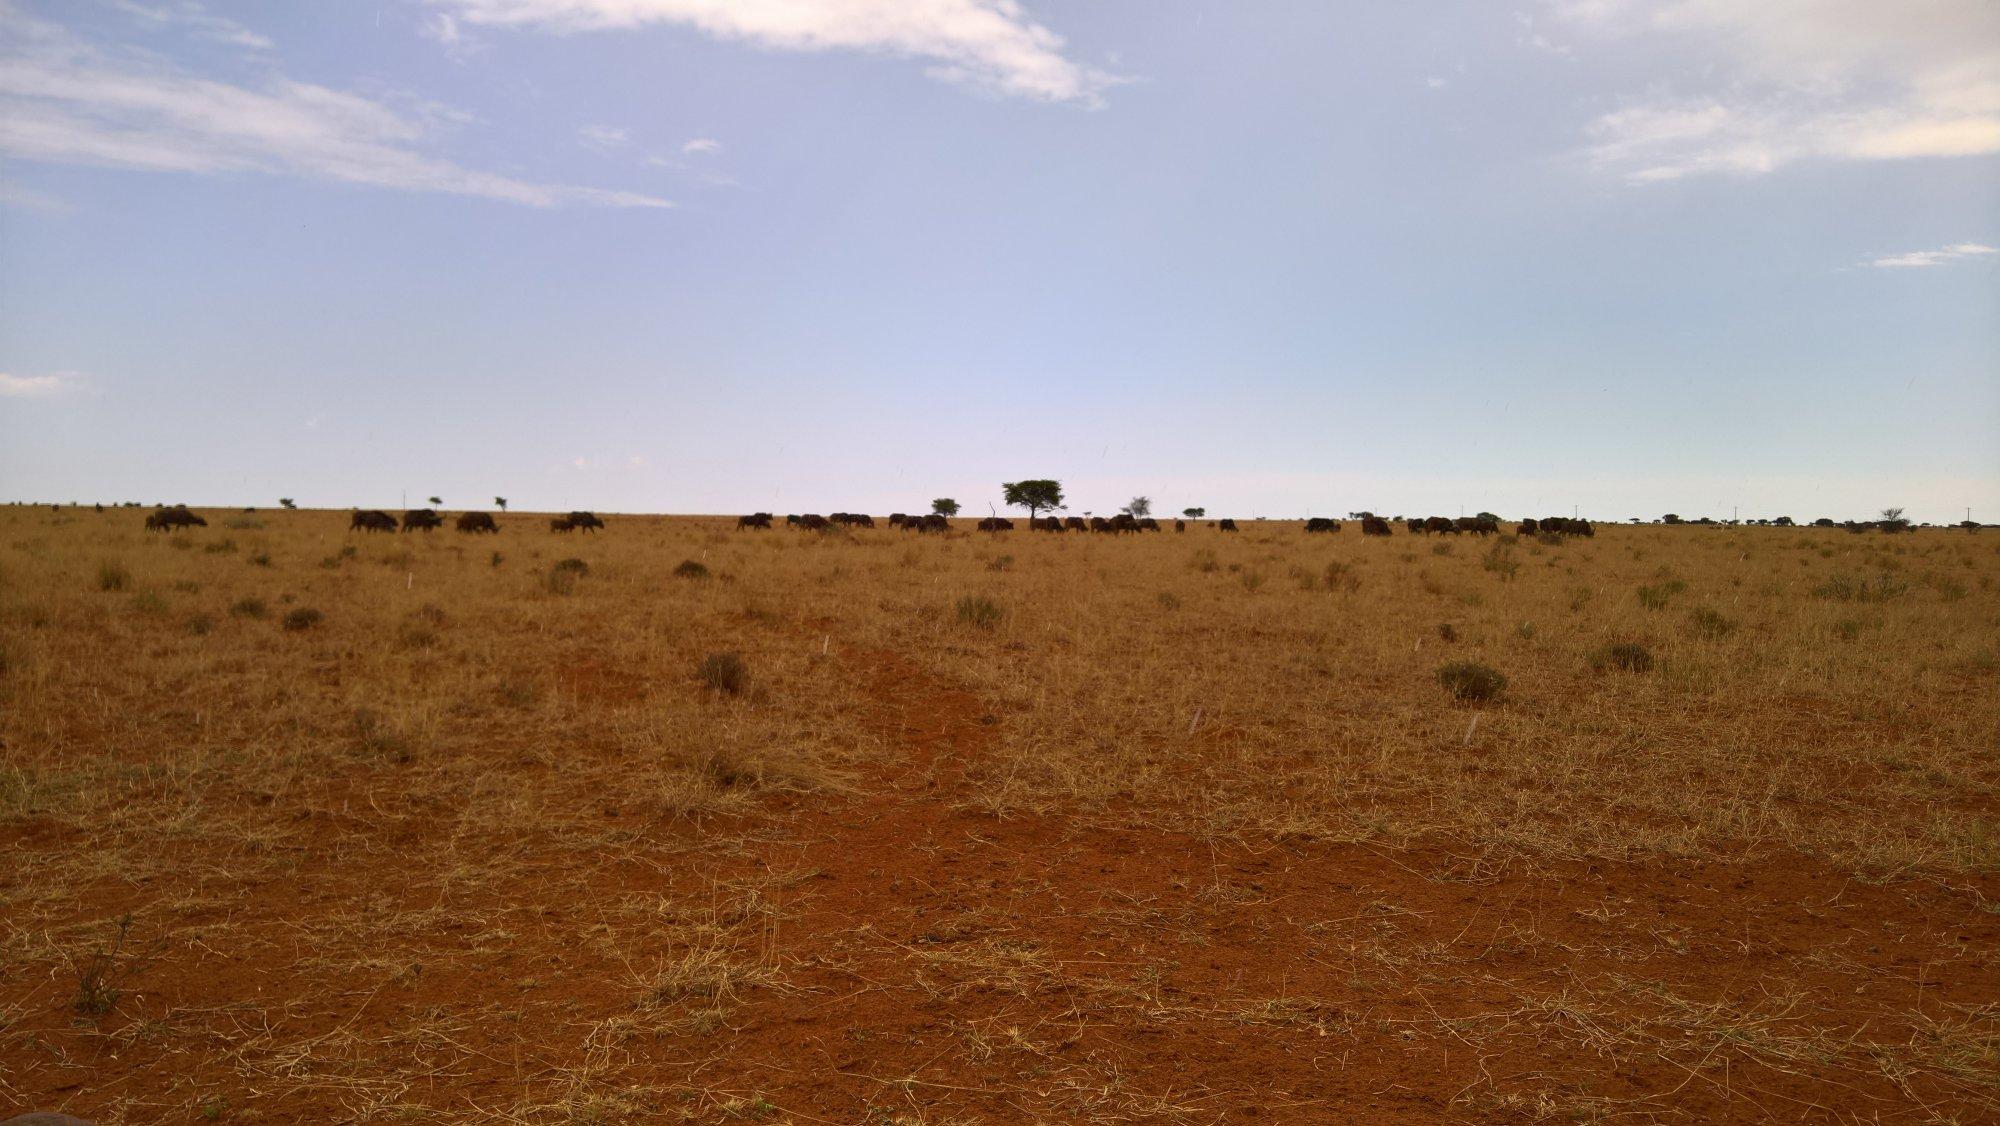 Büffel-Herde mit über 80 Tieren